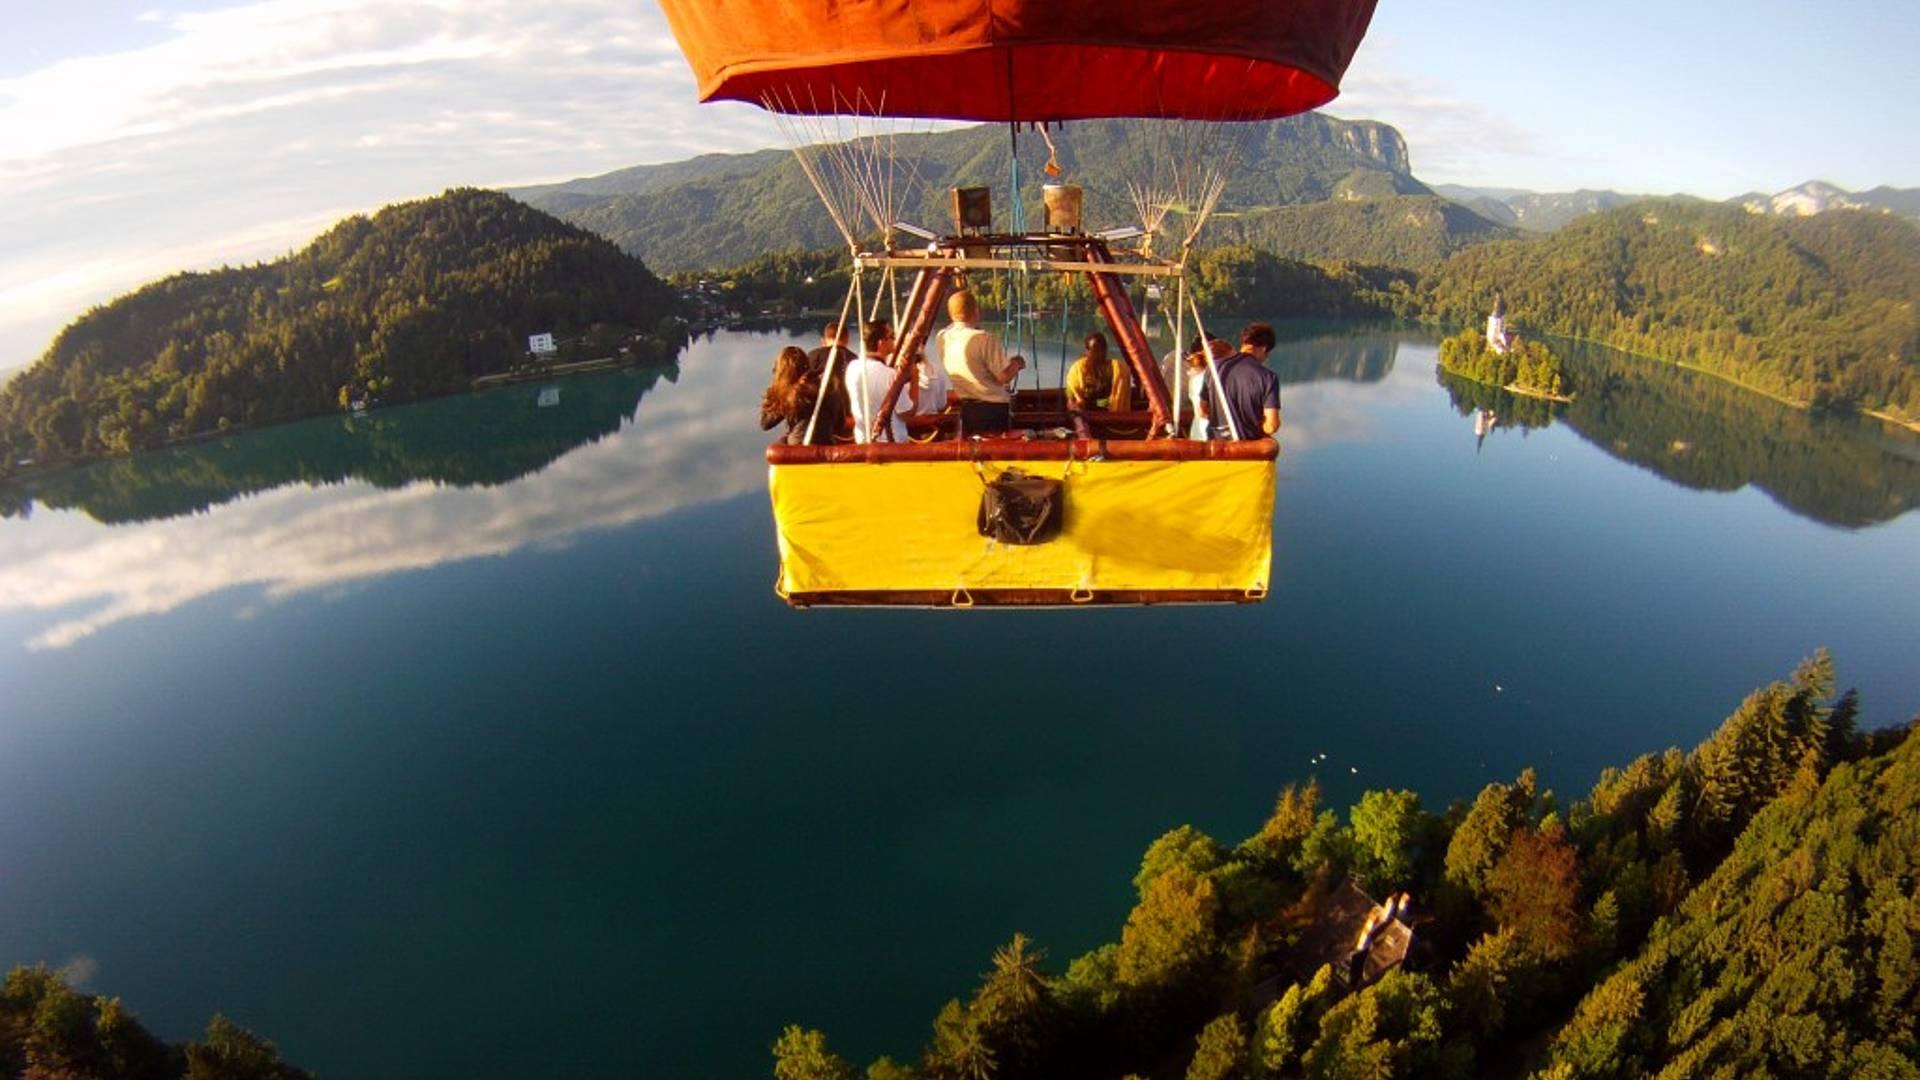 Balade slovène entre mer et montagne